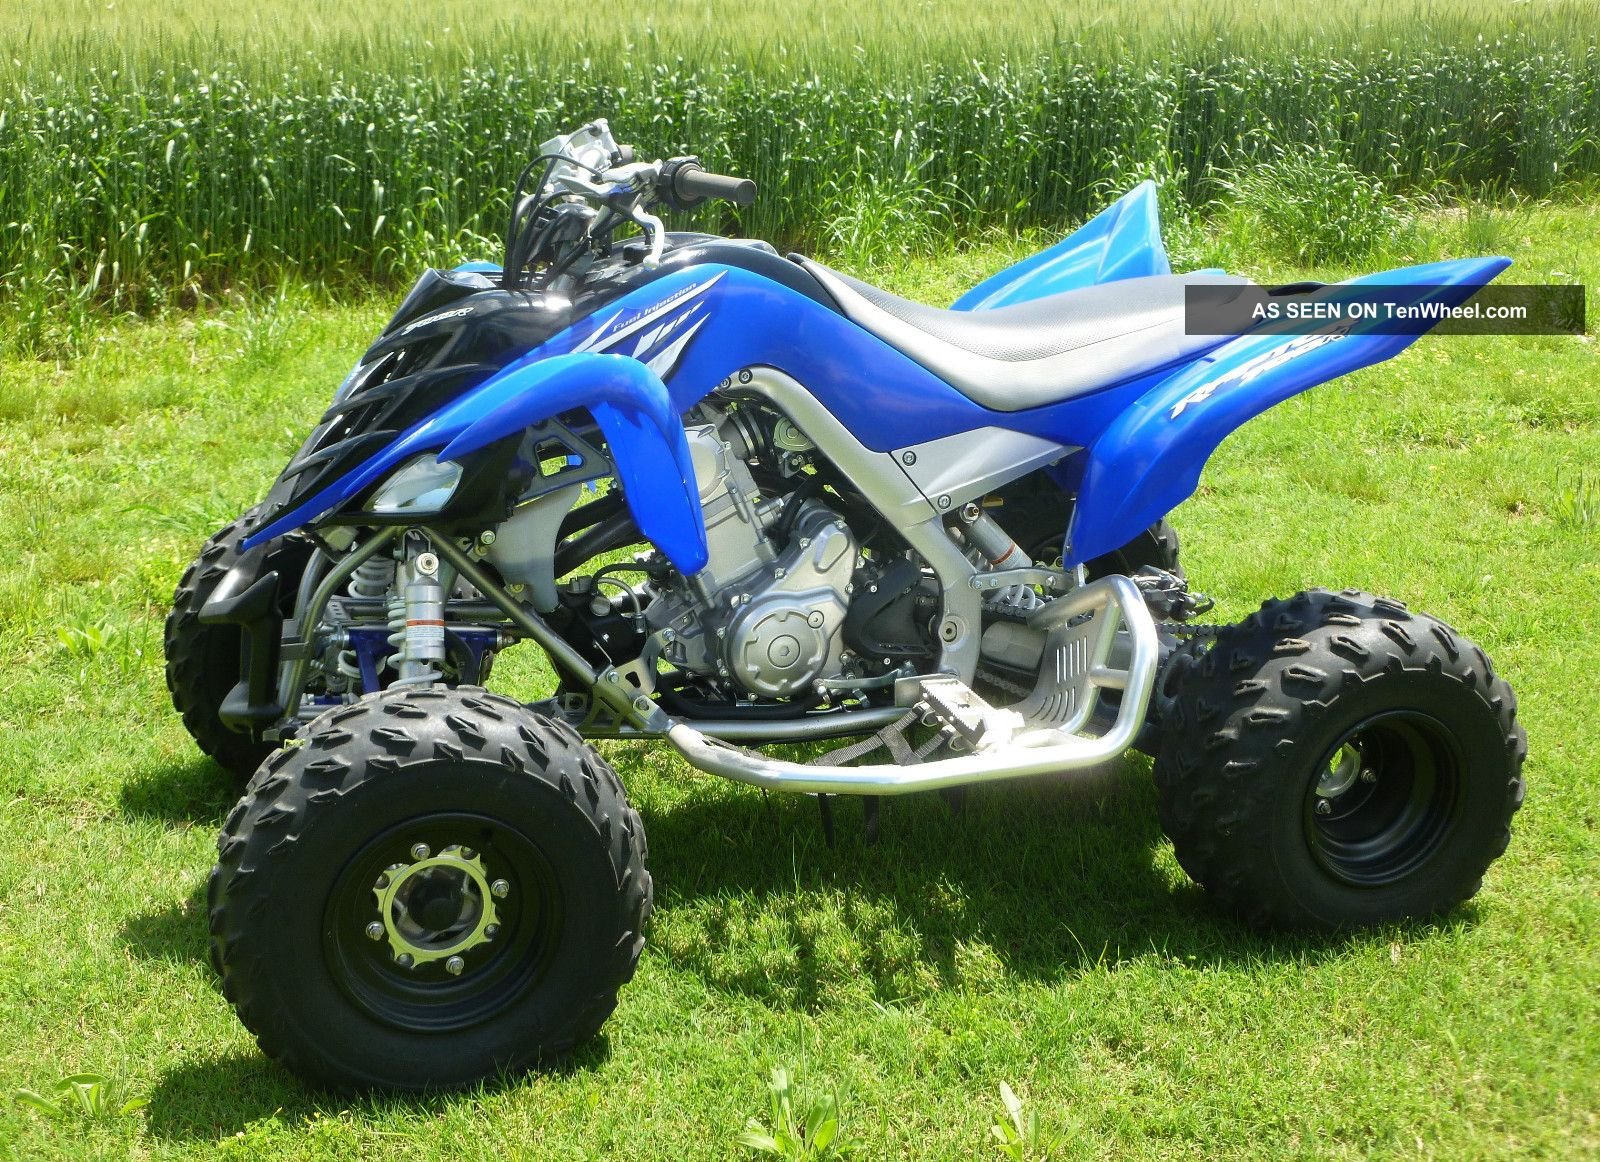 2008 Yamaha Raptor Yamaha photo